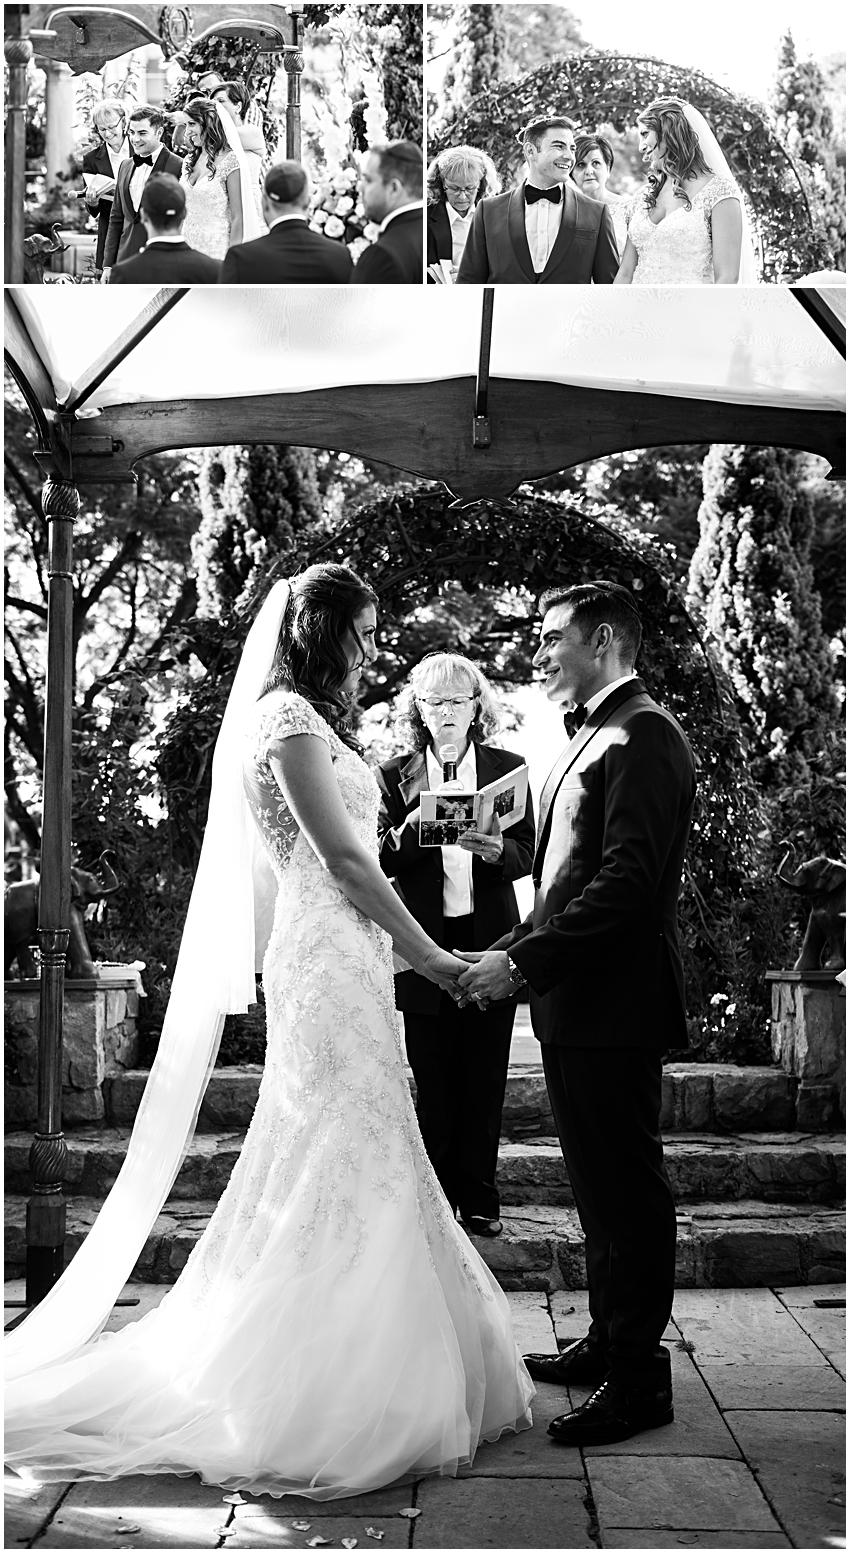 Wedding Photography - AlexanderSmith_4512.jpg